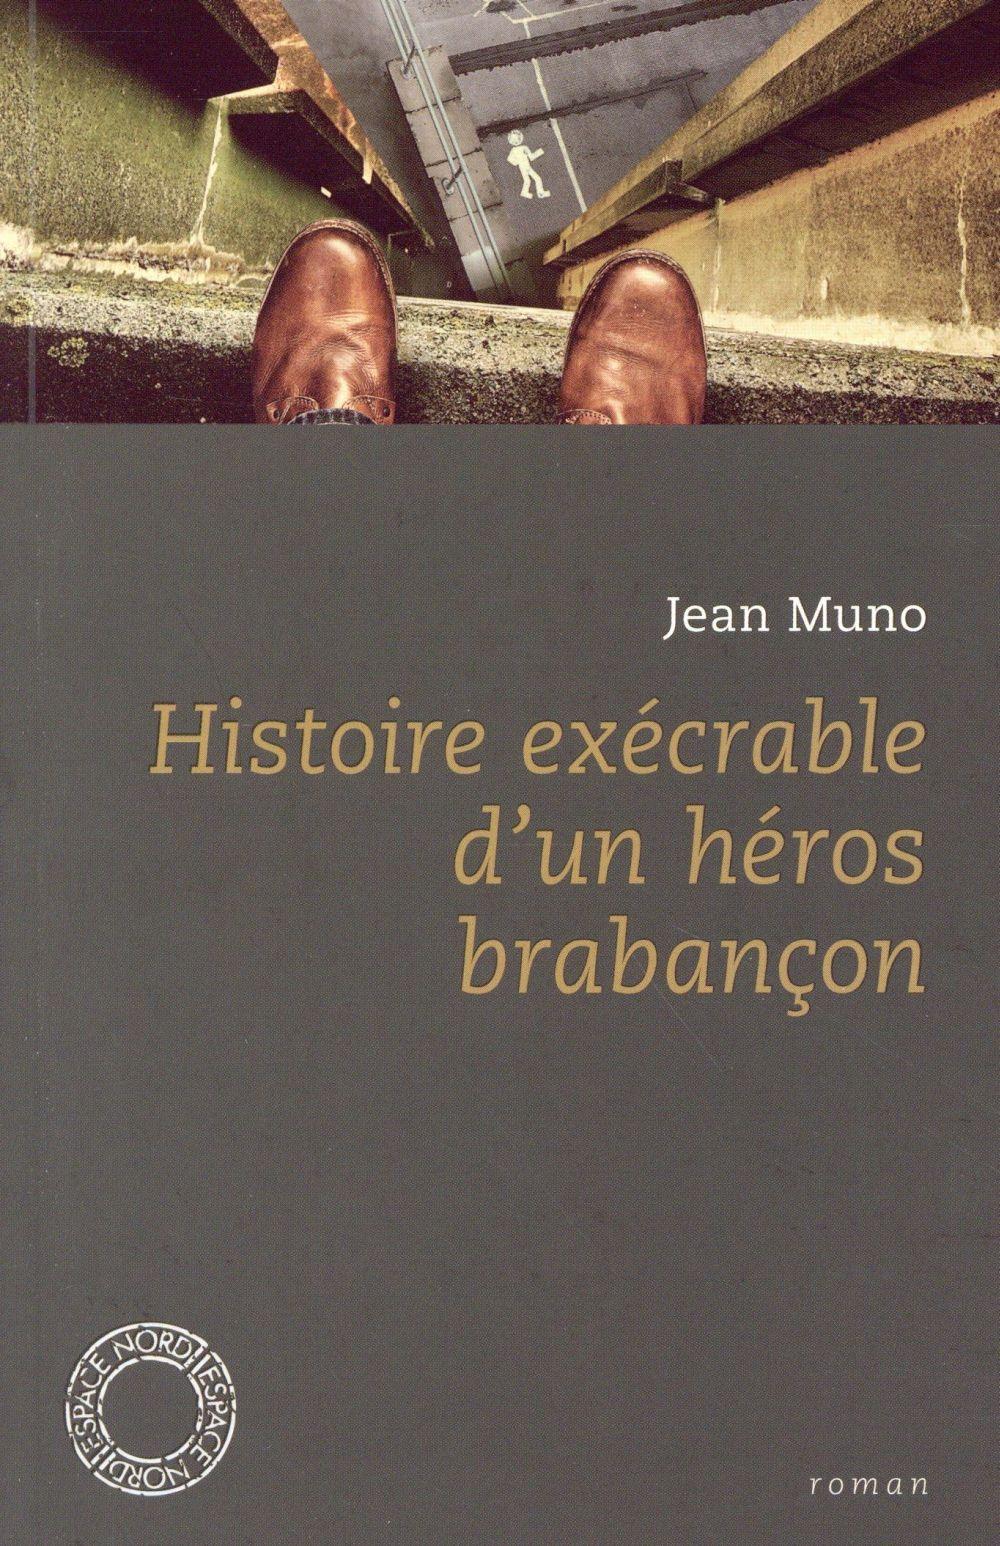 Histoire exécrable d'un héros brabancon